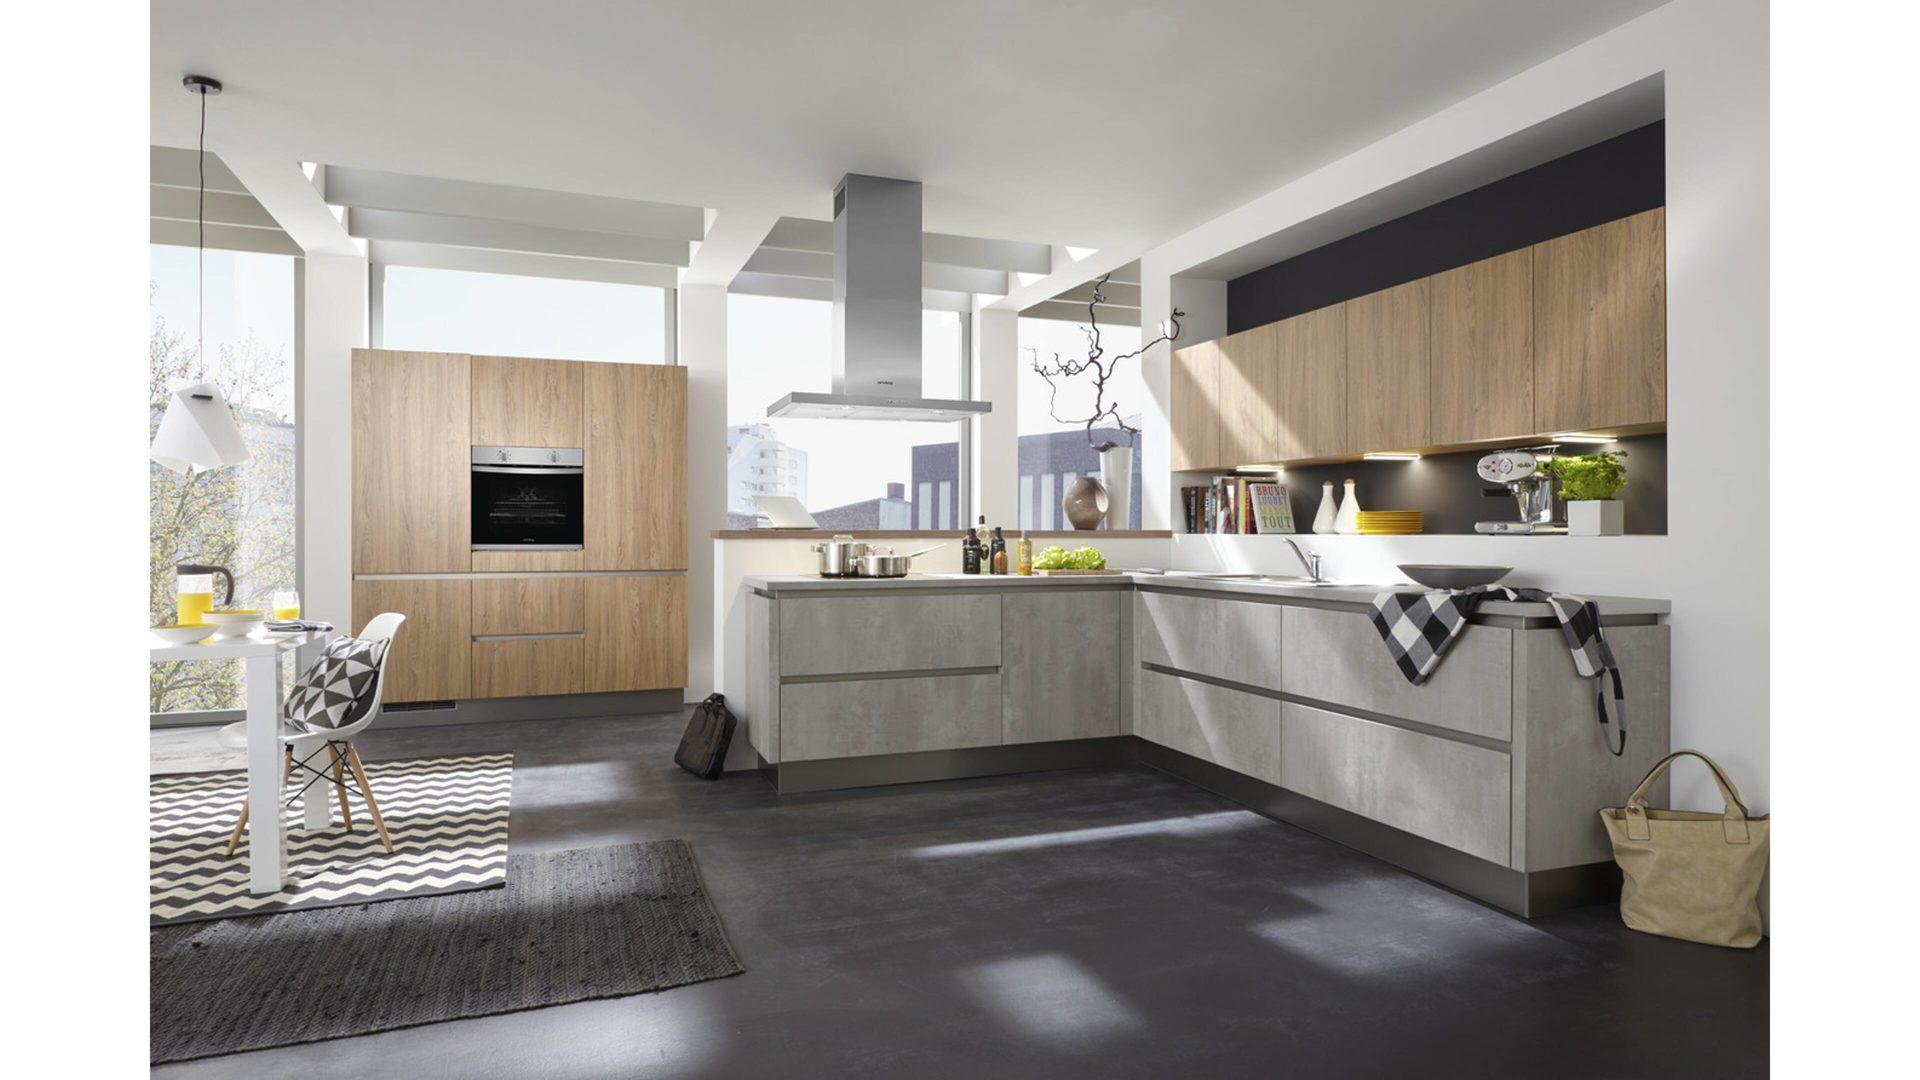 Tolle Küchendesigns Farben Schemata Galerie - Ideen Für Die Küche ...